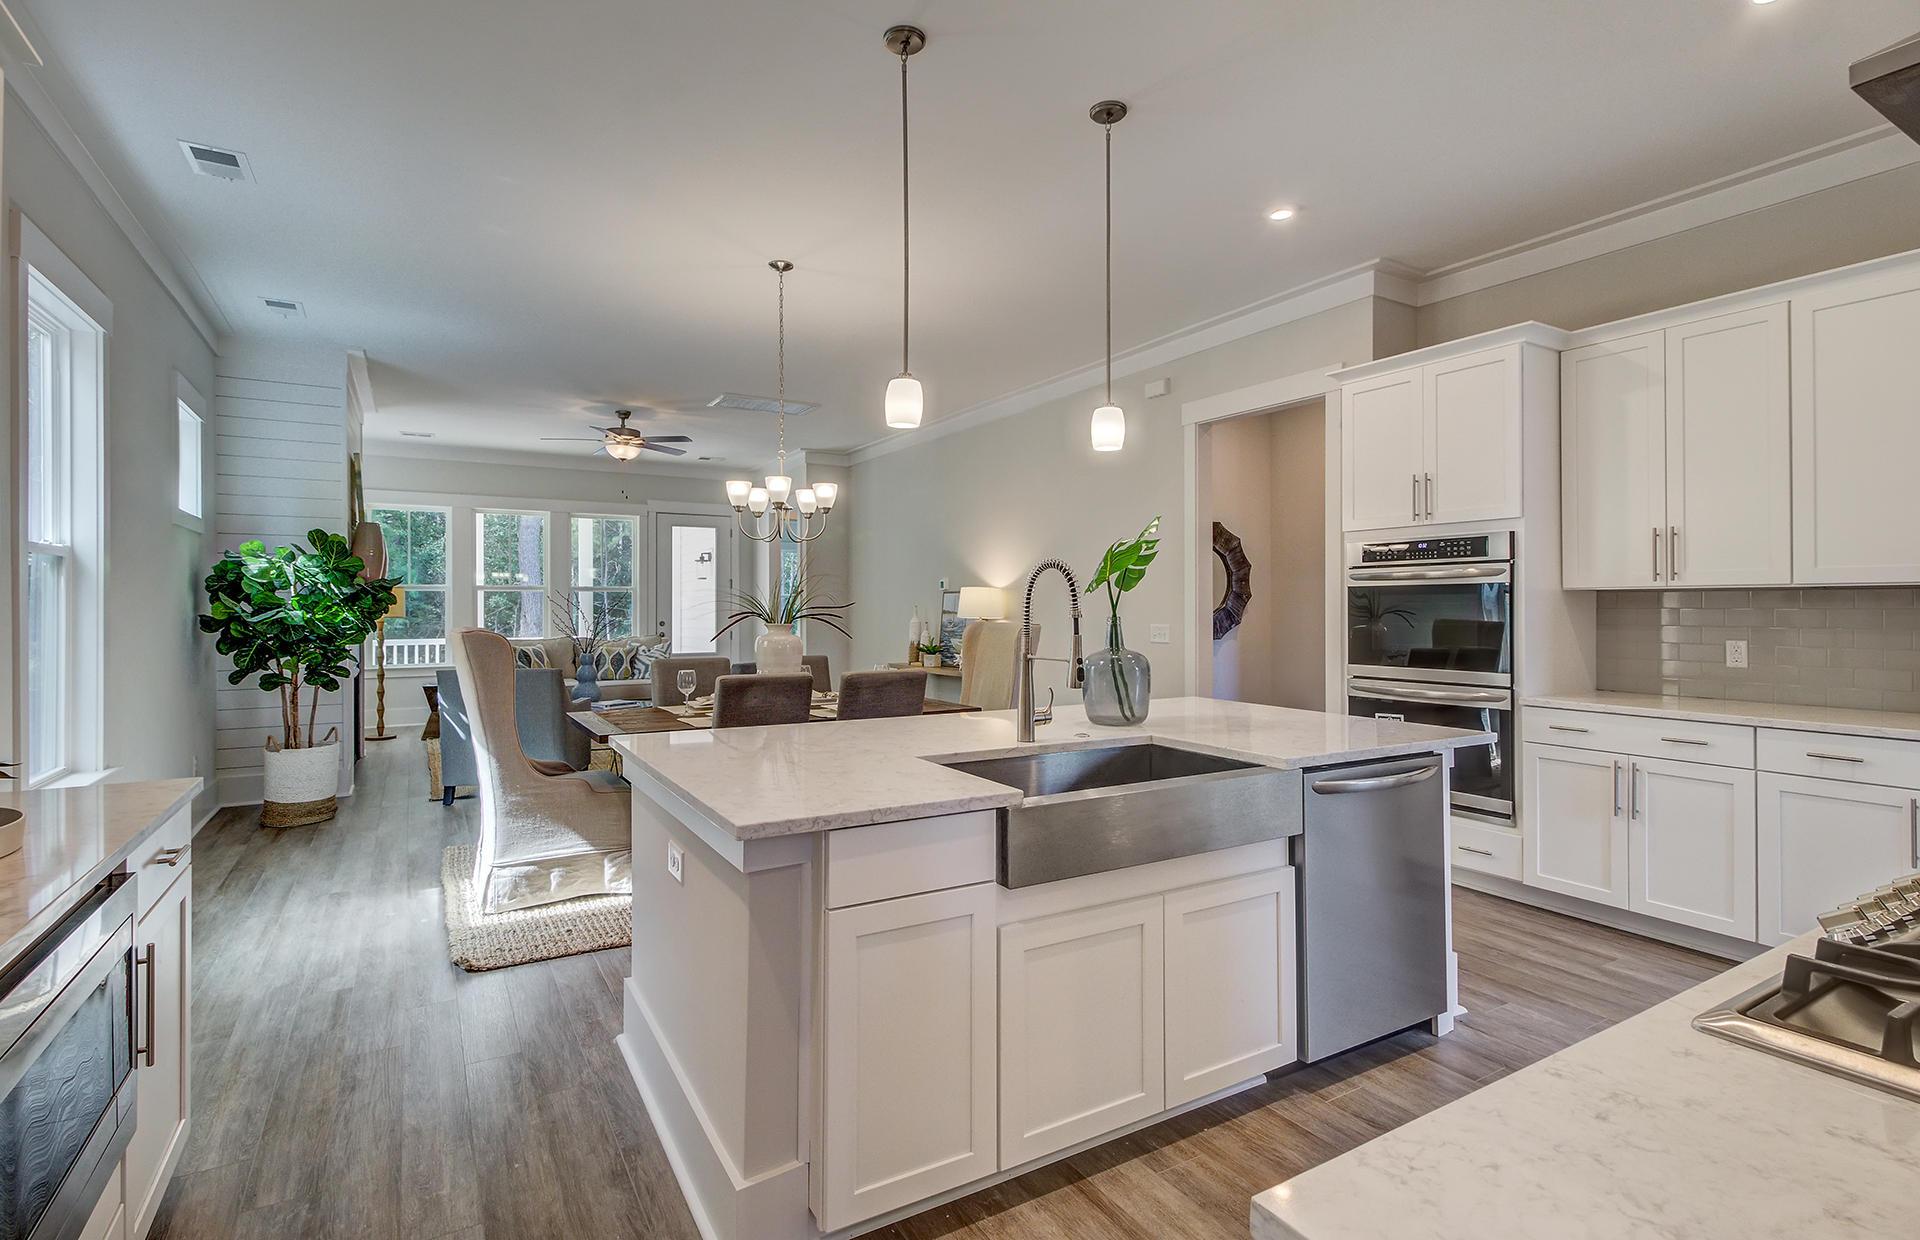 Fulton Park Homes For Sale - 2441 Giles, Mount Pleasant, SC - 7